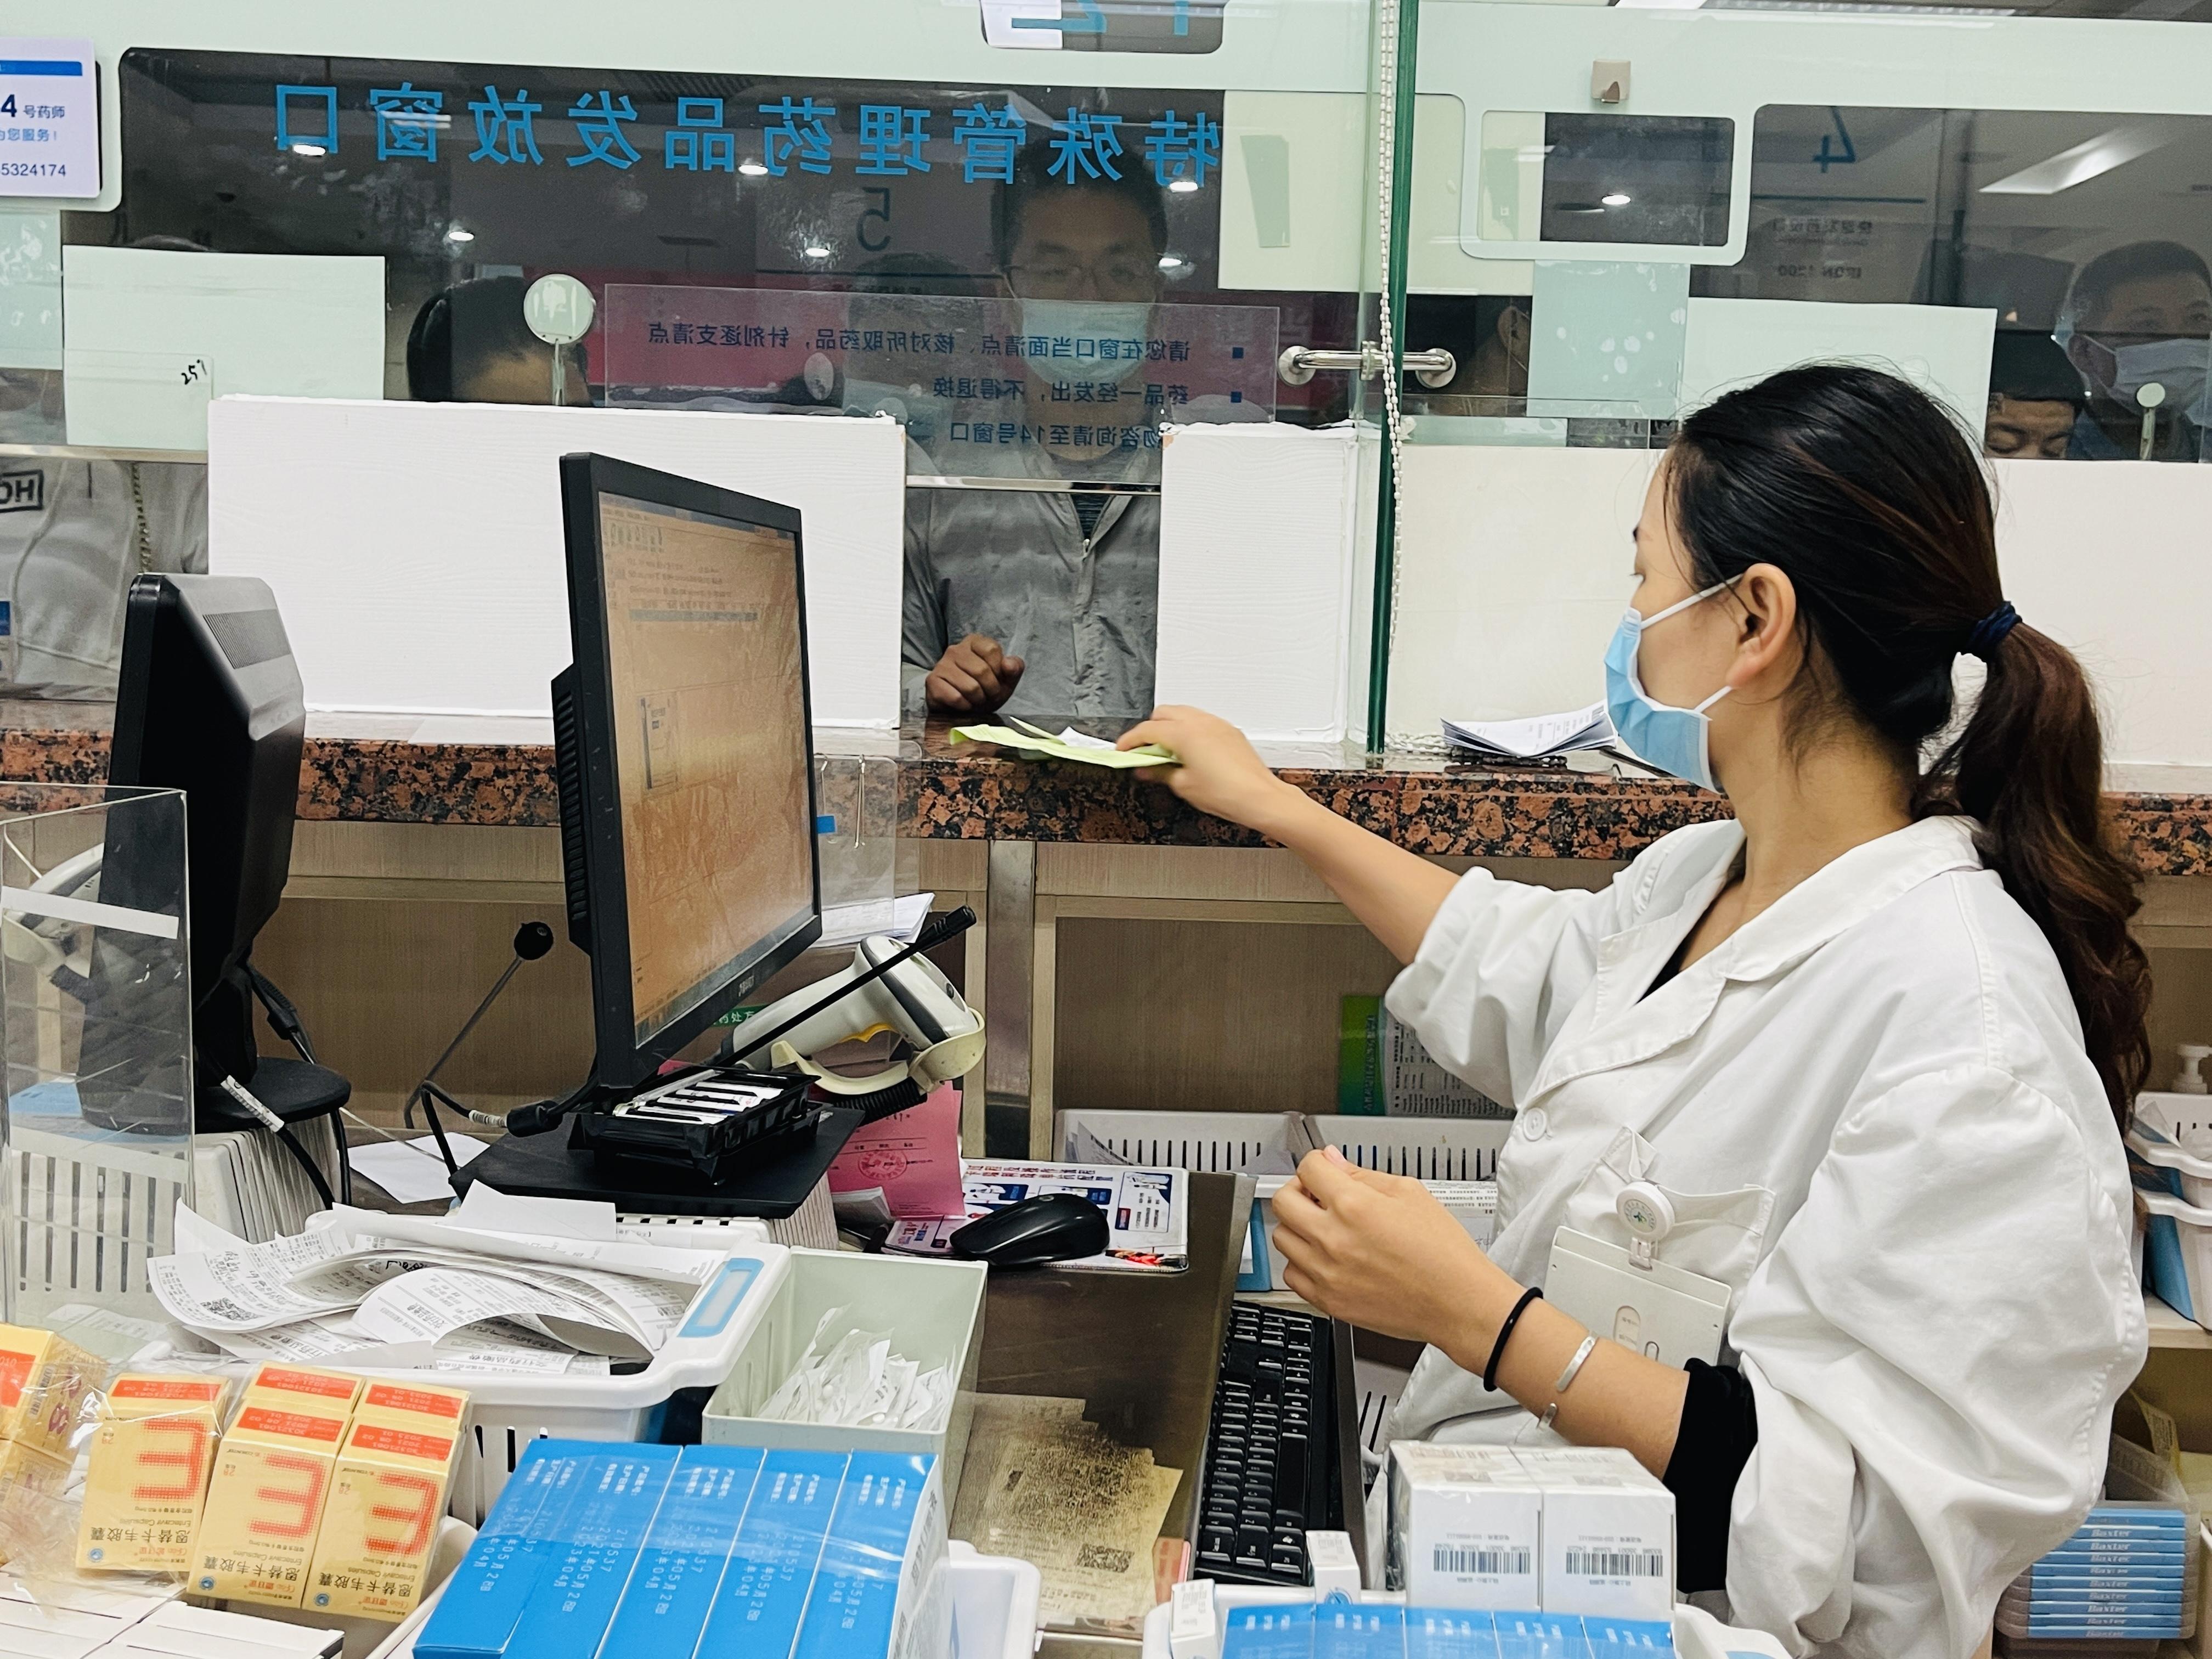 西安交大一附院药学部举行「世界药师日」义诊活动